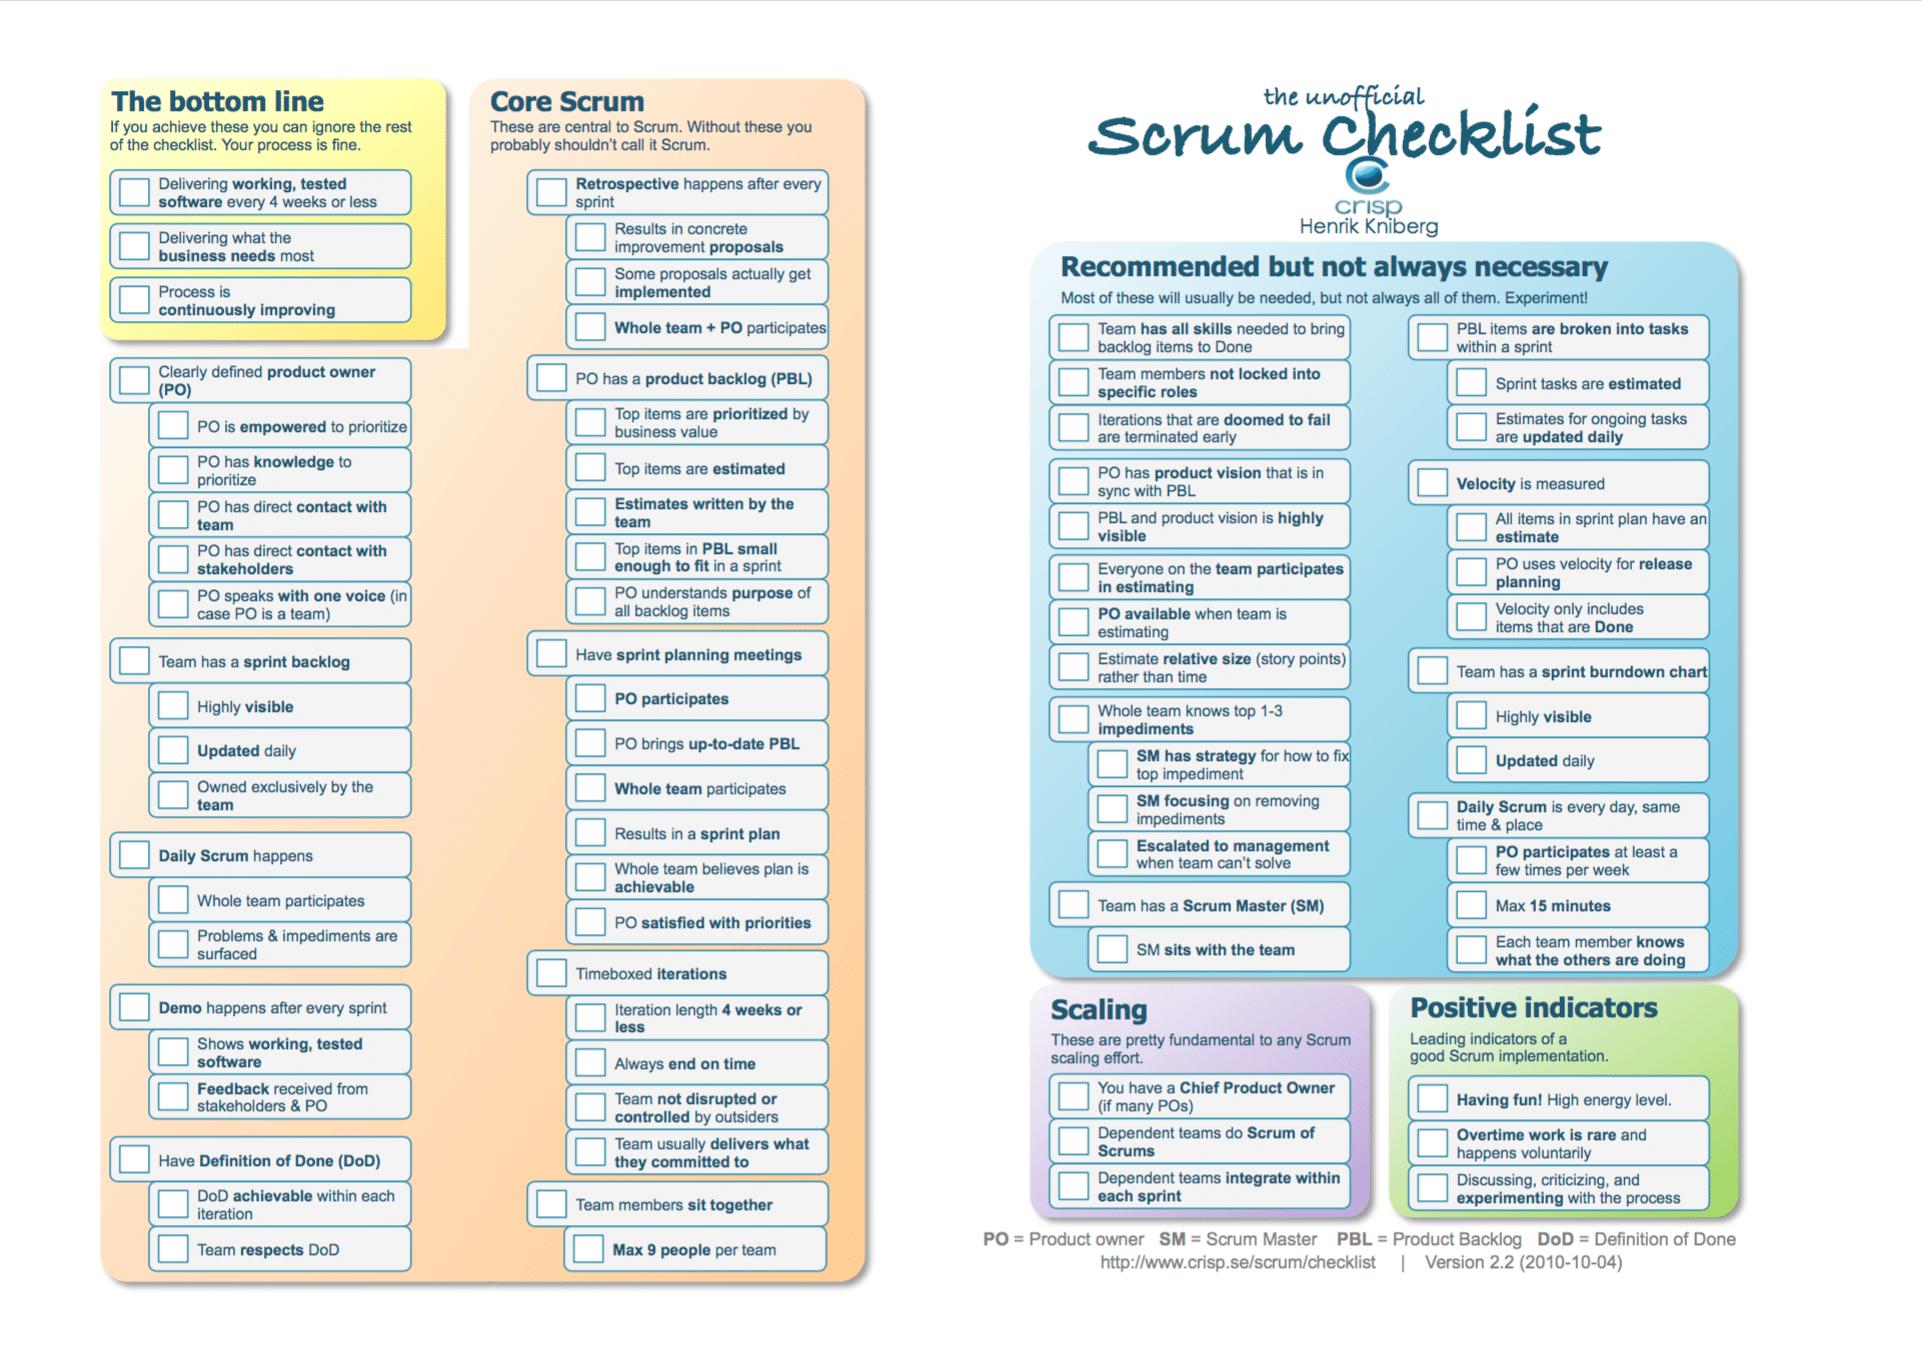 The Unofficial Scrum Checklist by Henrik Kniberg - Tim Herbig